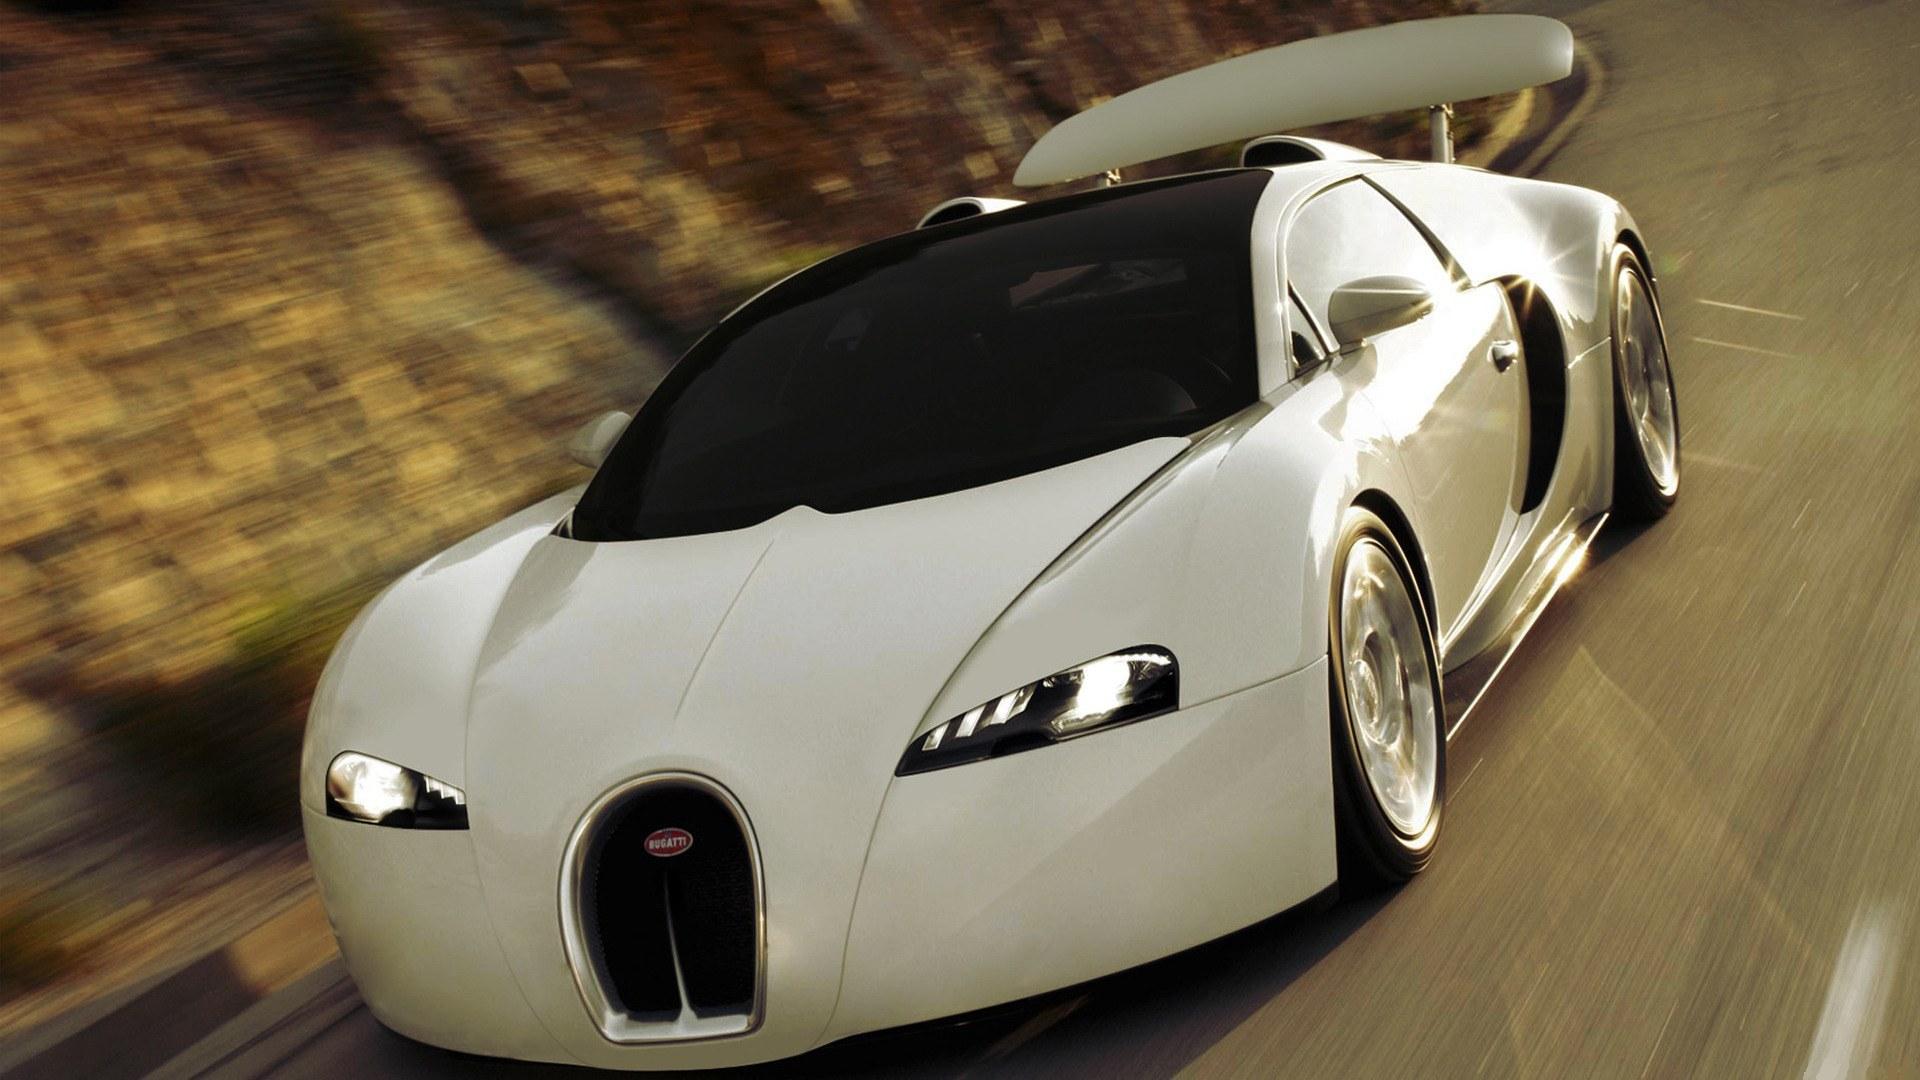 Picture Bugatti Auto 1920x1080